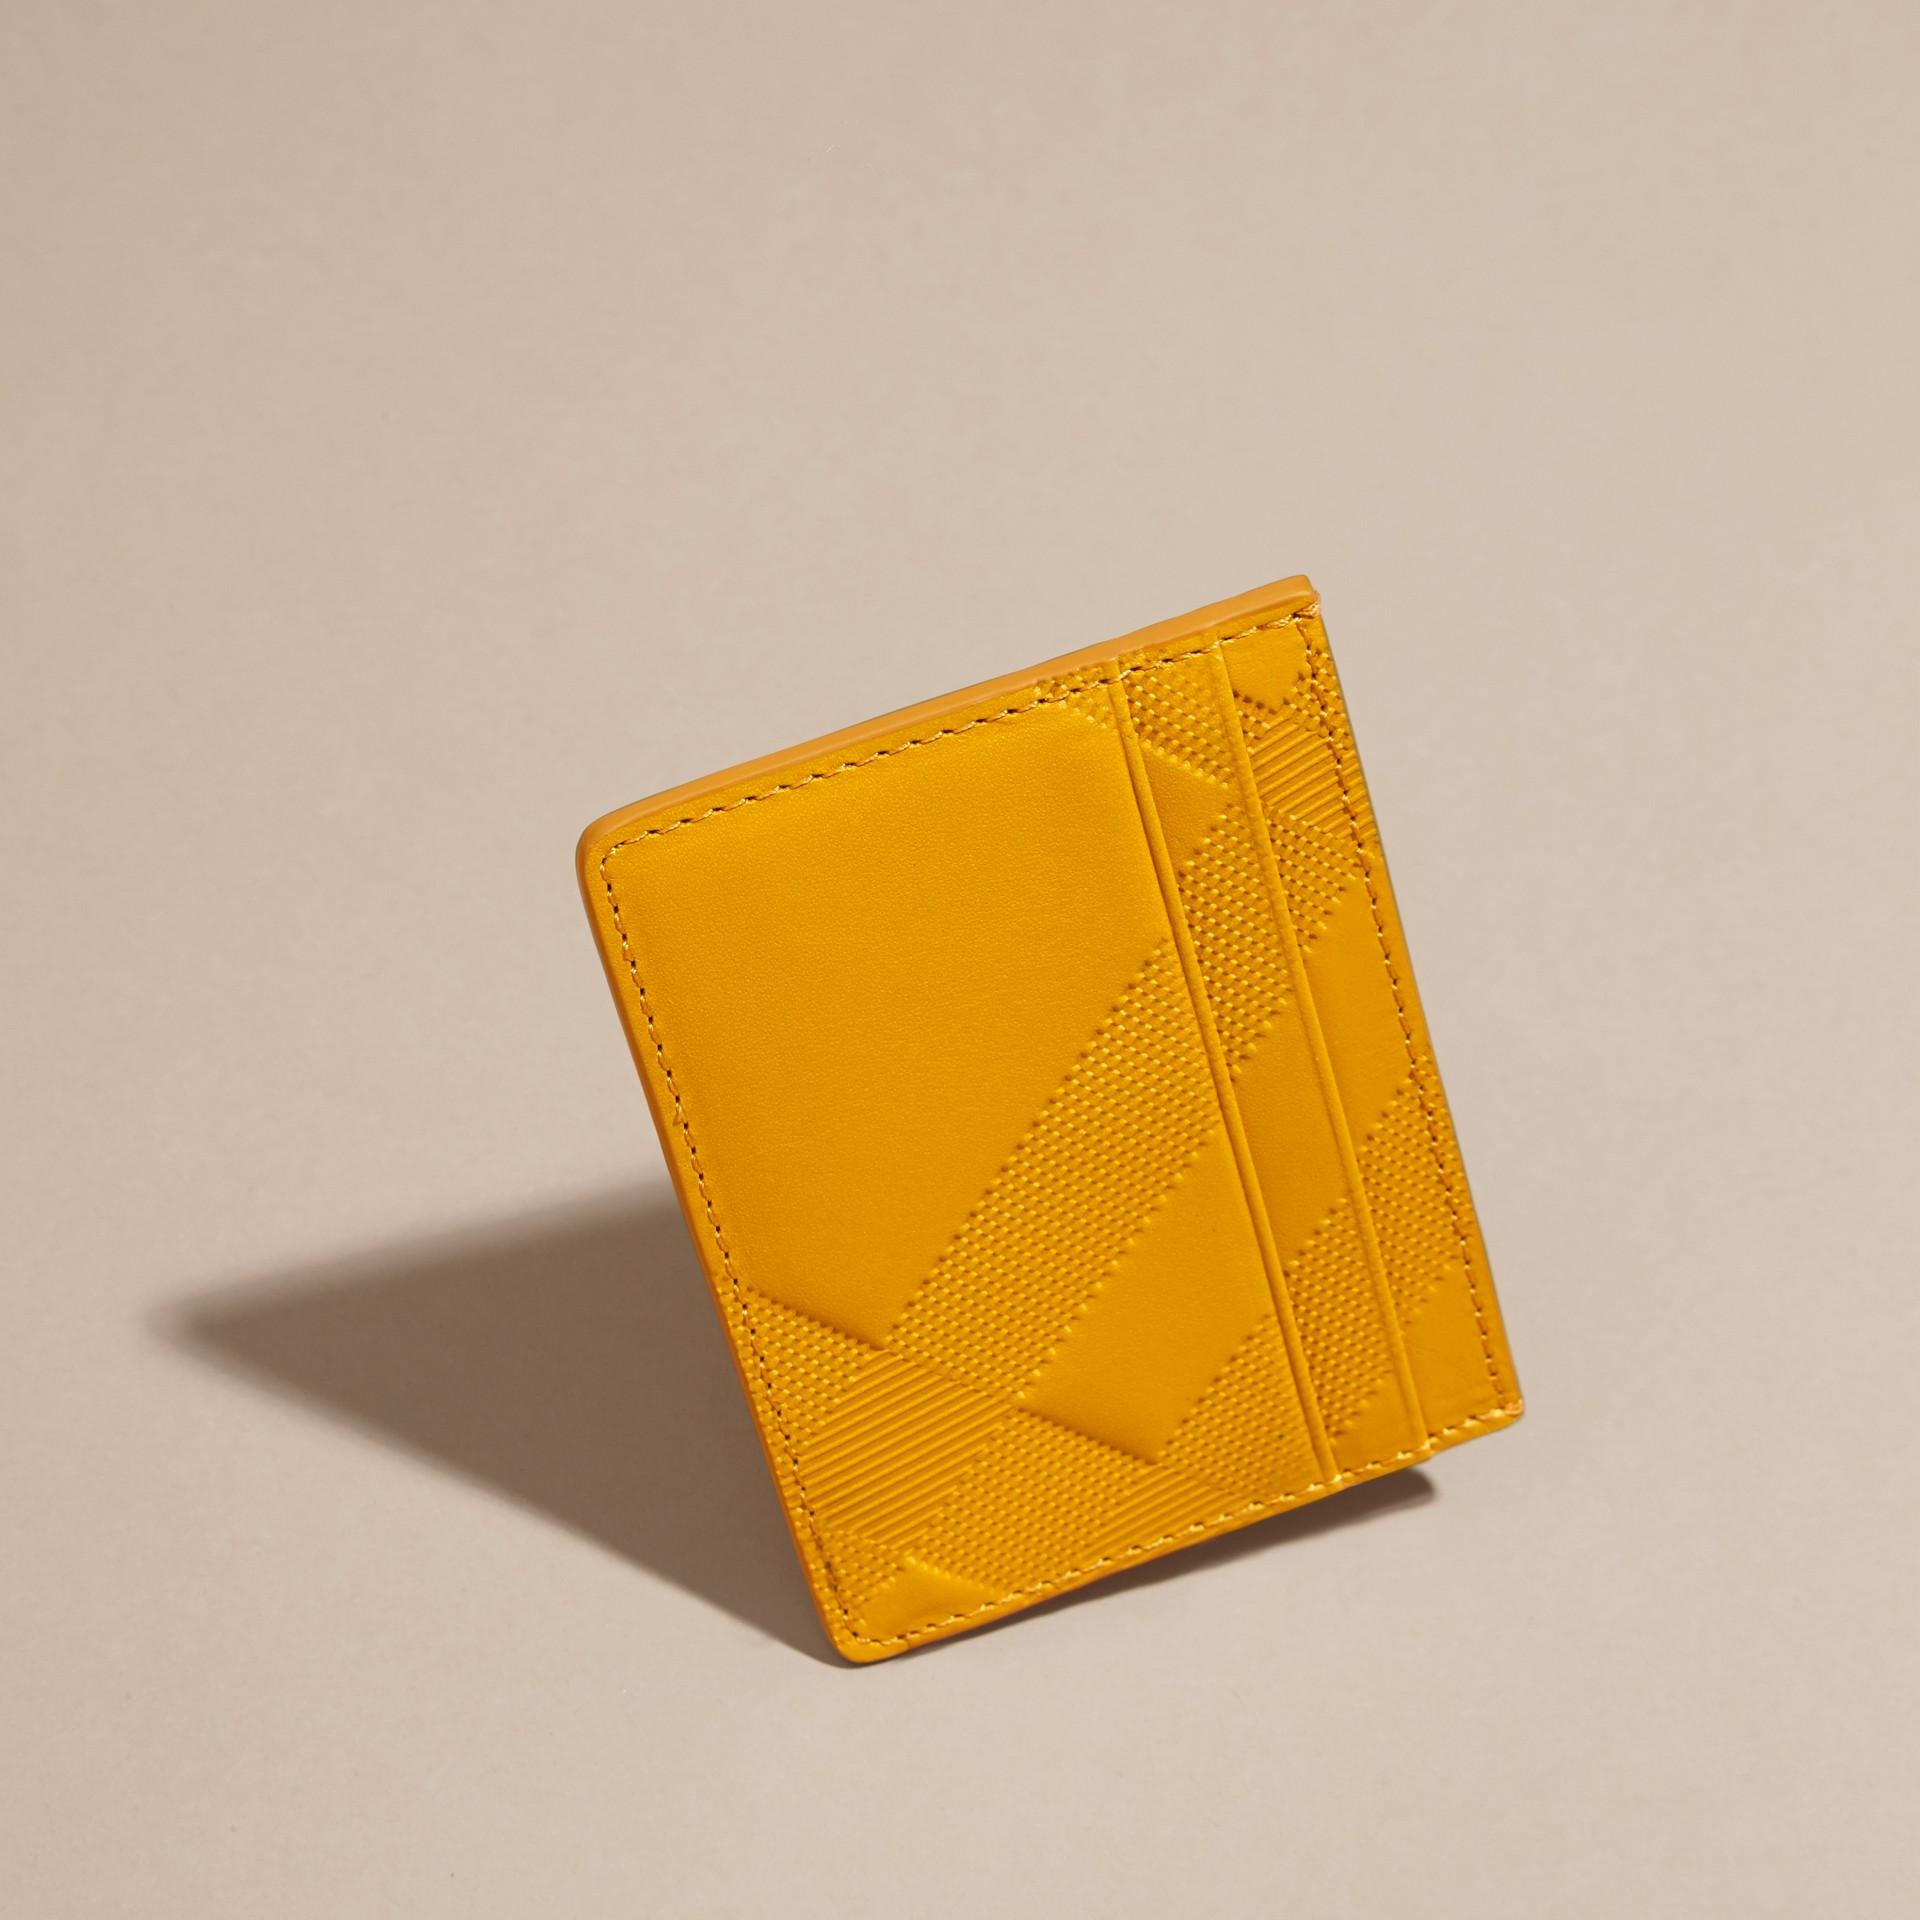 アンバーイエロー チェックエンボストレザー カードケース アンバーイエロー - ギャラリーイメージ 3